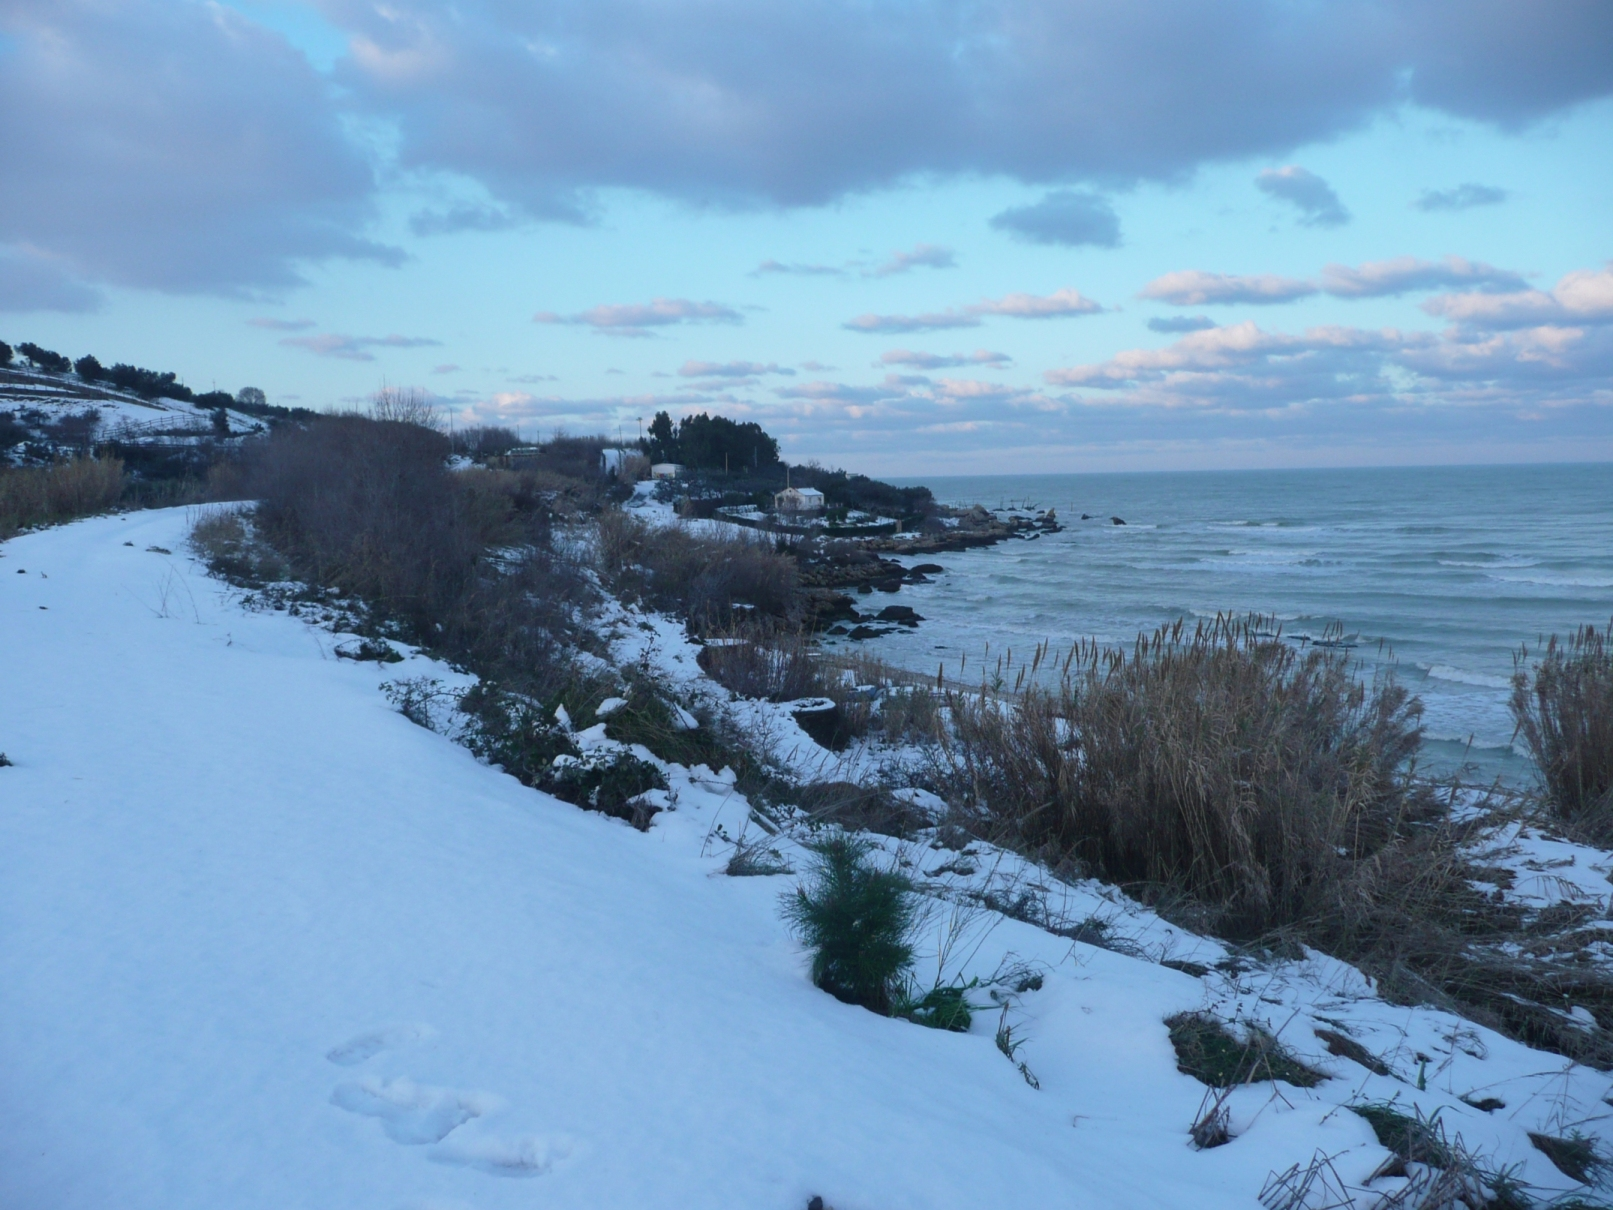 Foto Neve e  Mare: Costa abruzzese, Vasto (Ch)-p1040007.jpg